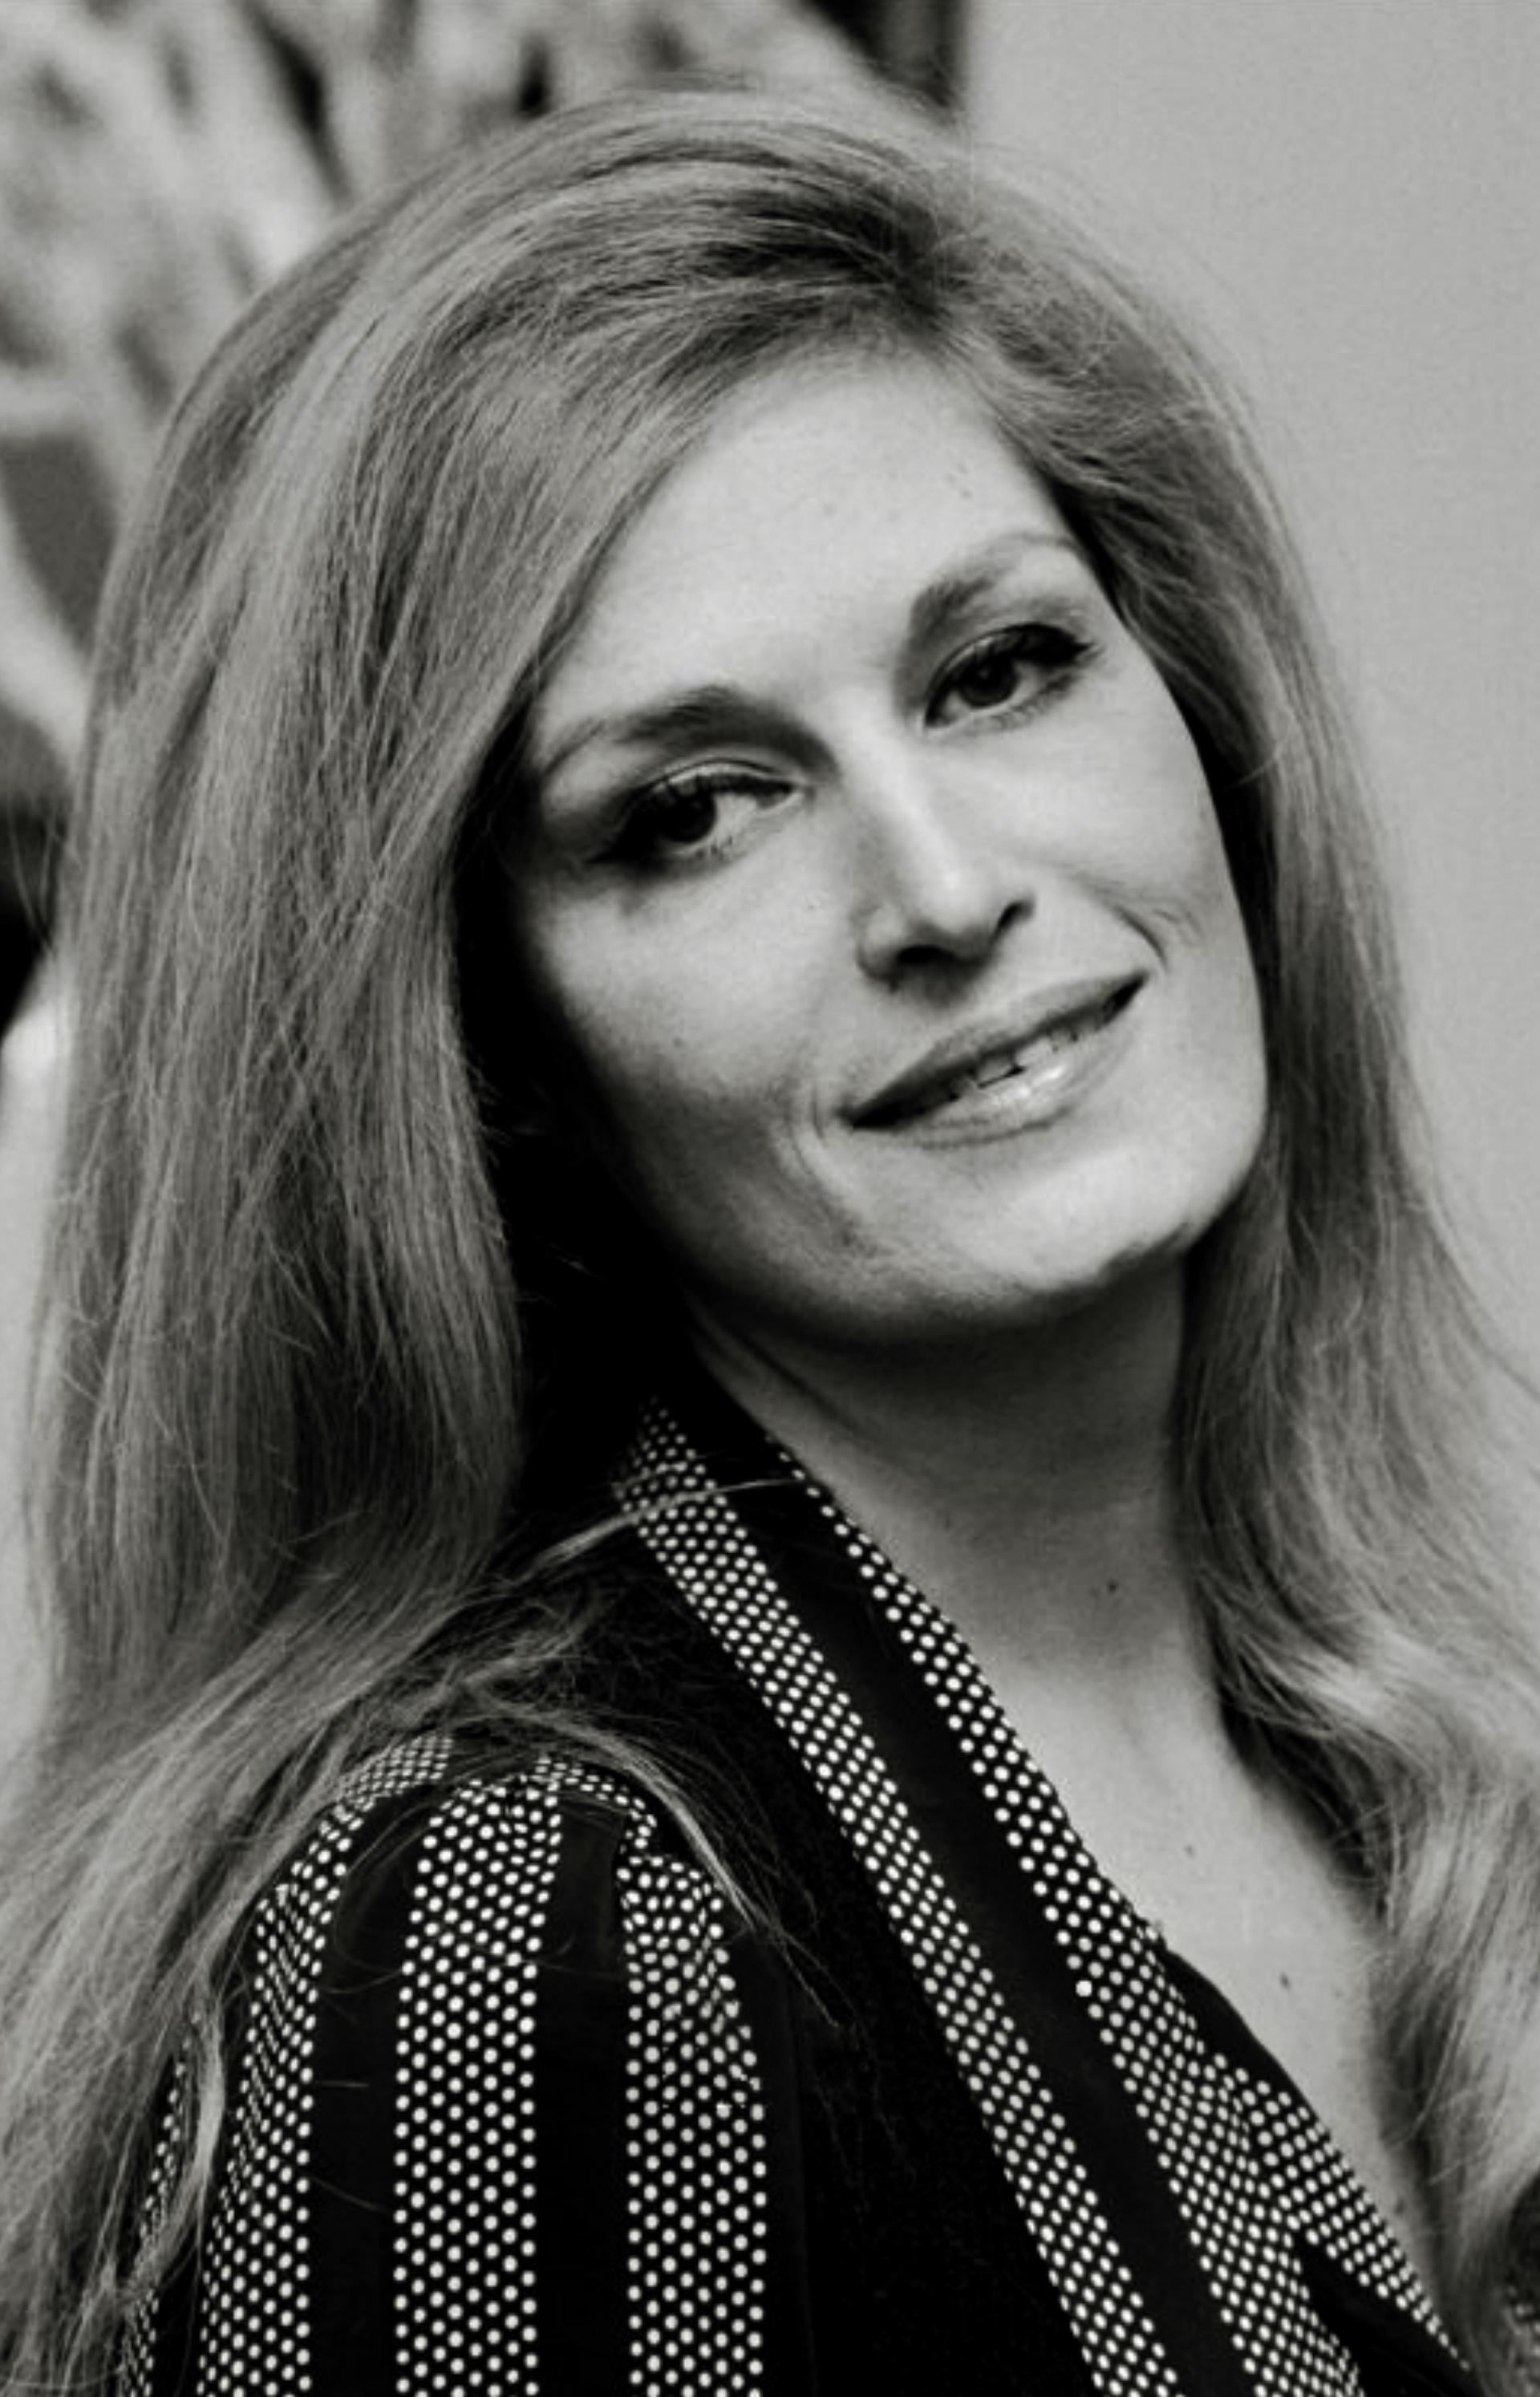 La Femme La Plus Vieille Du Monde 157 Ans : femme, vieille, monde, Dalida, Wikipedia